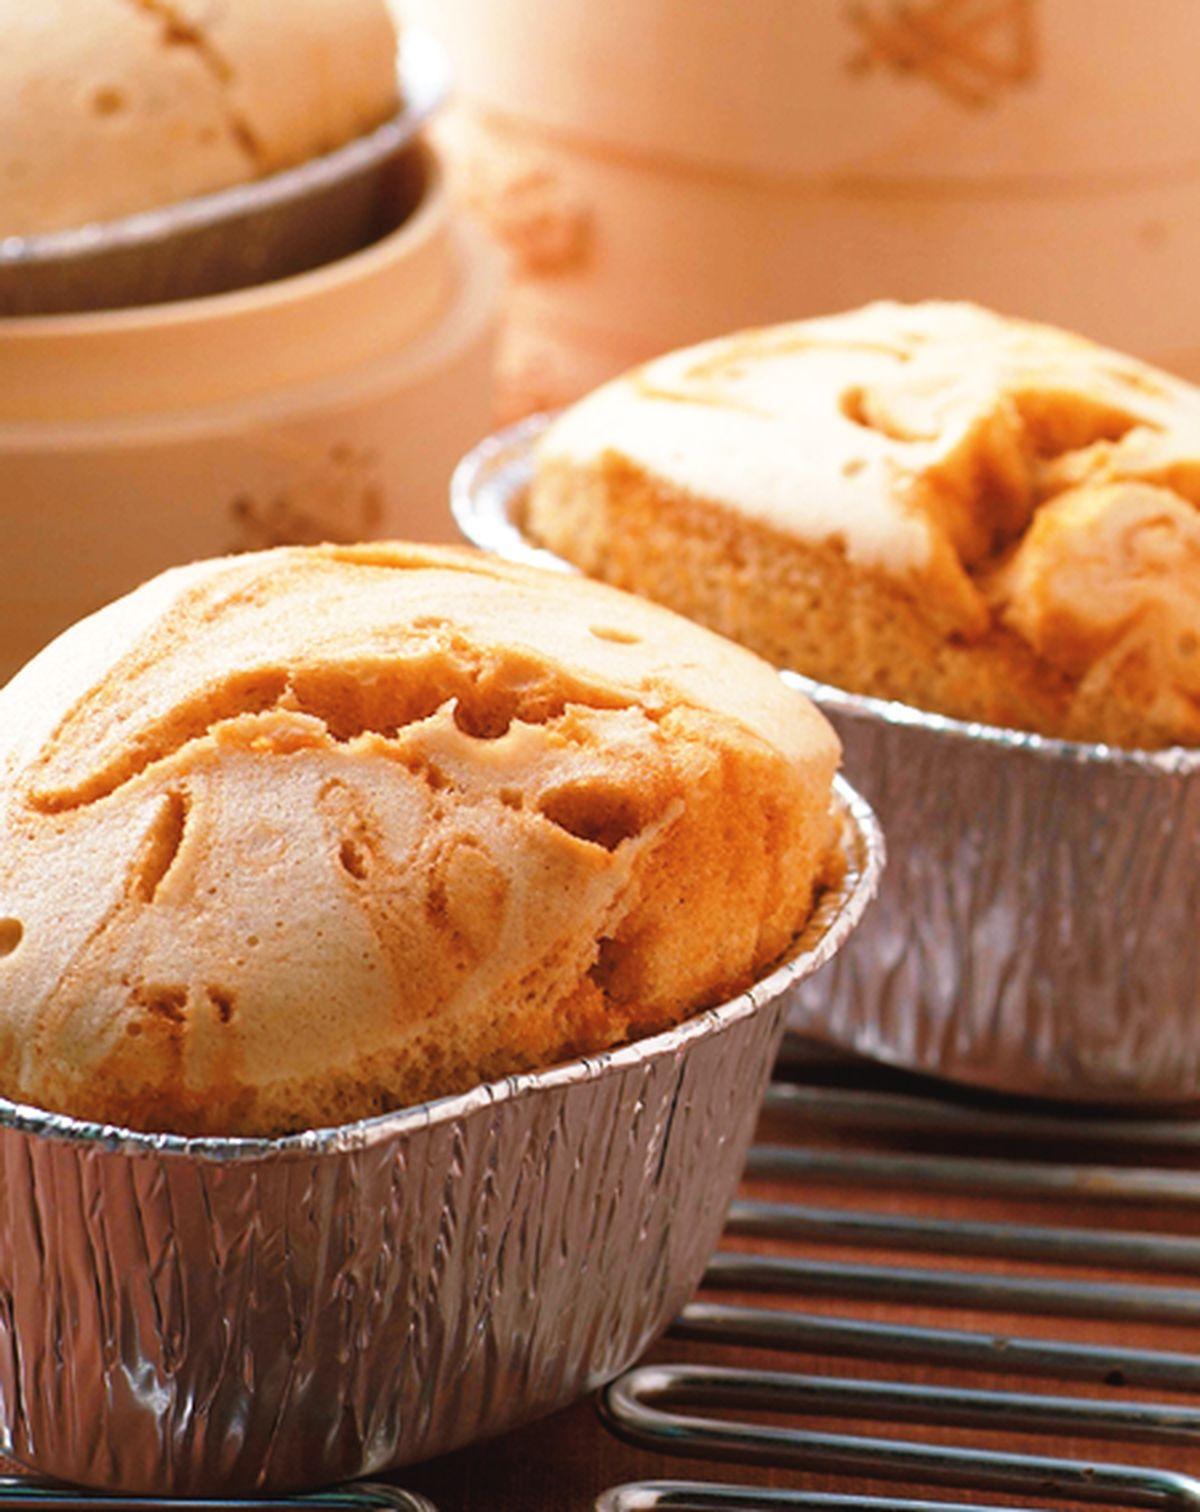 食譜:焦糖蒸糕